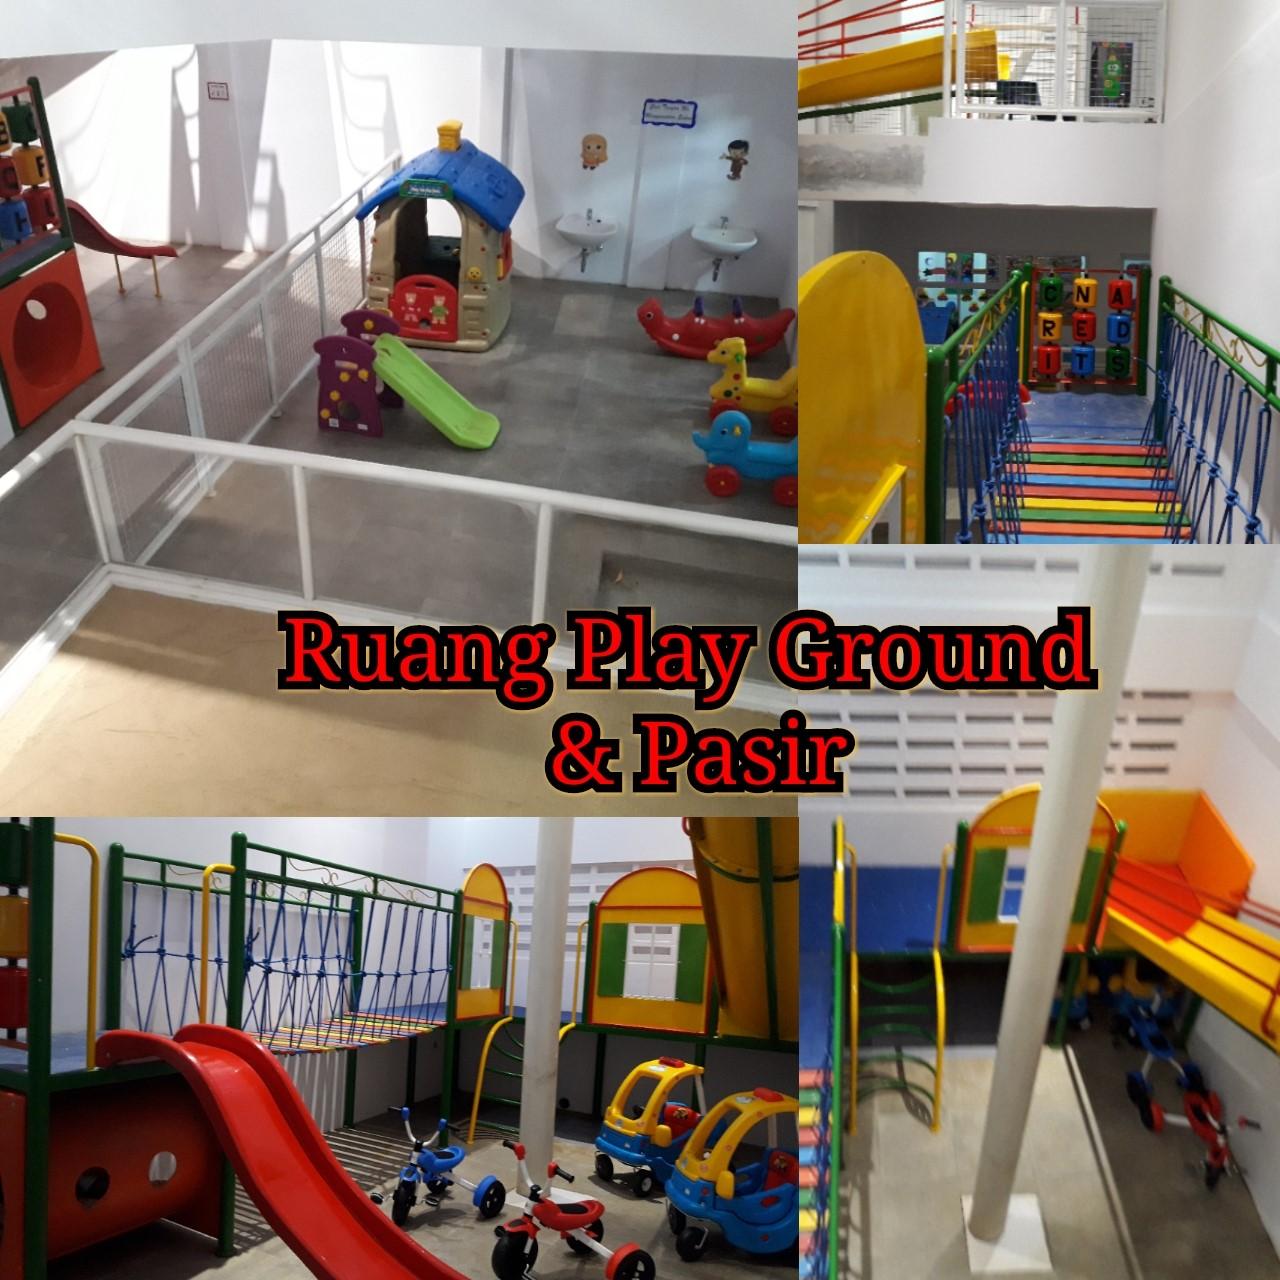 Ruang Playground